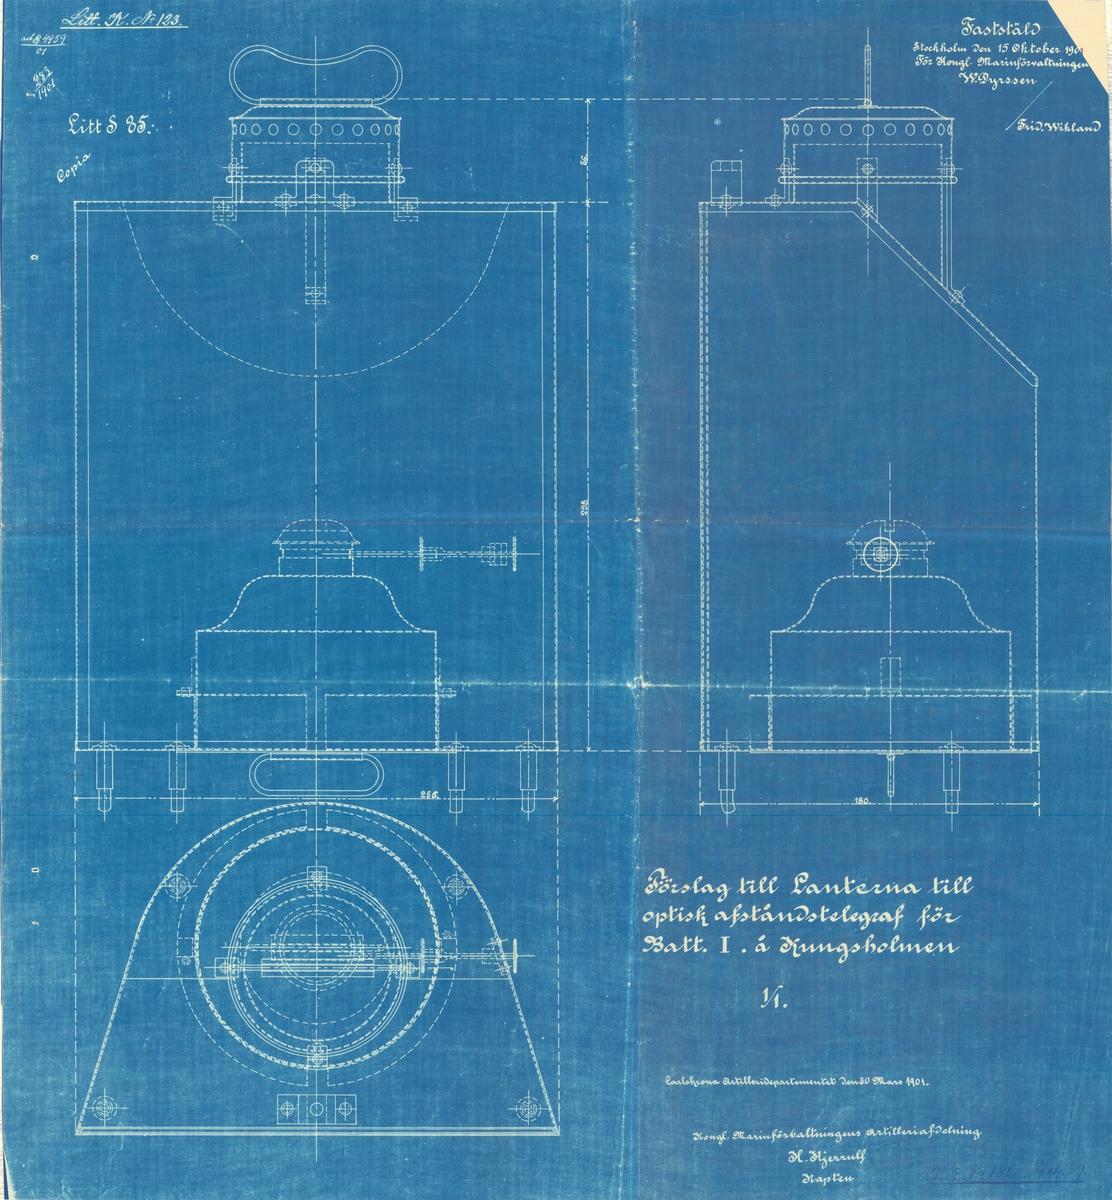 Förslag till lanterna till optisk avståndstelegraf för batteri nr 1 å Kungsholmen